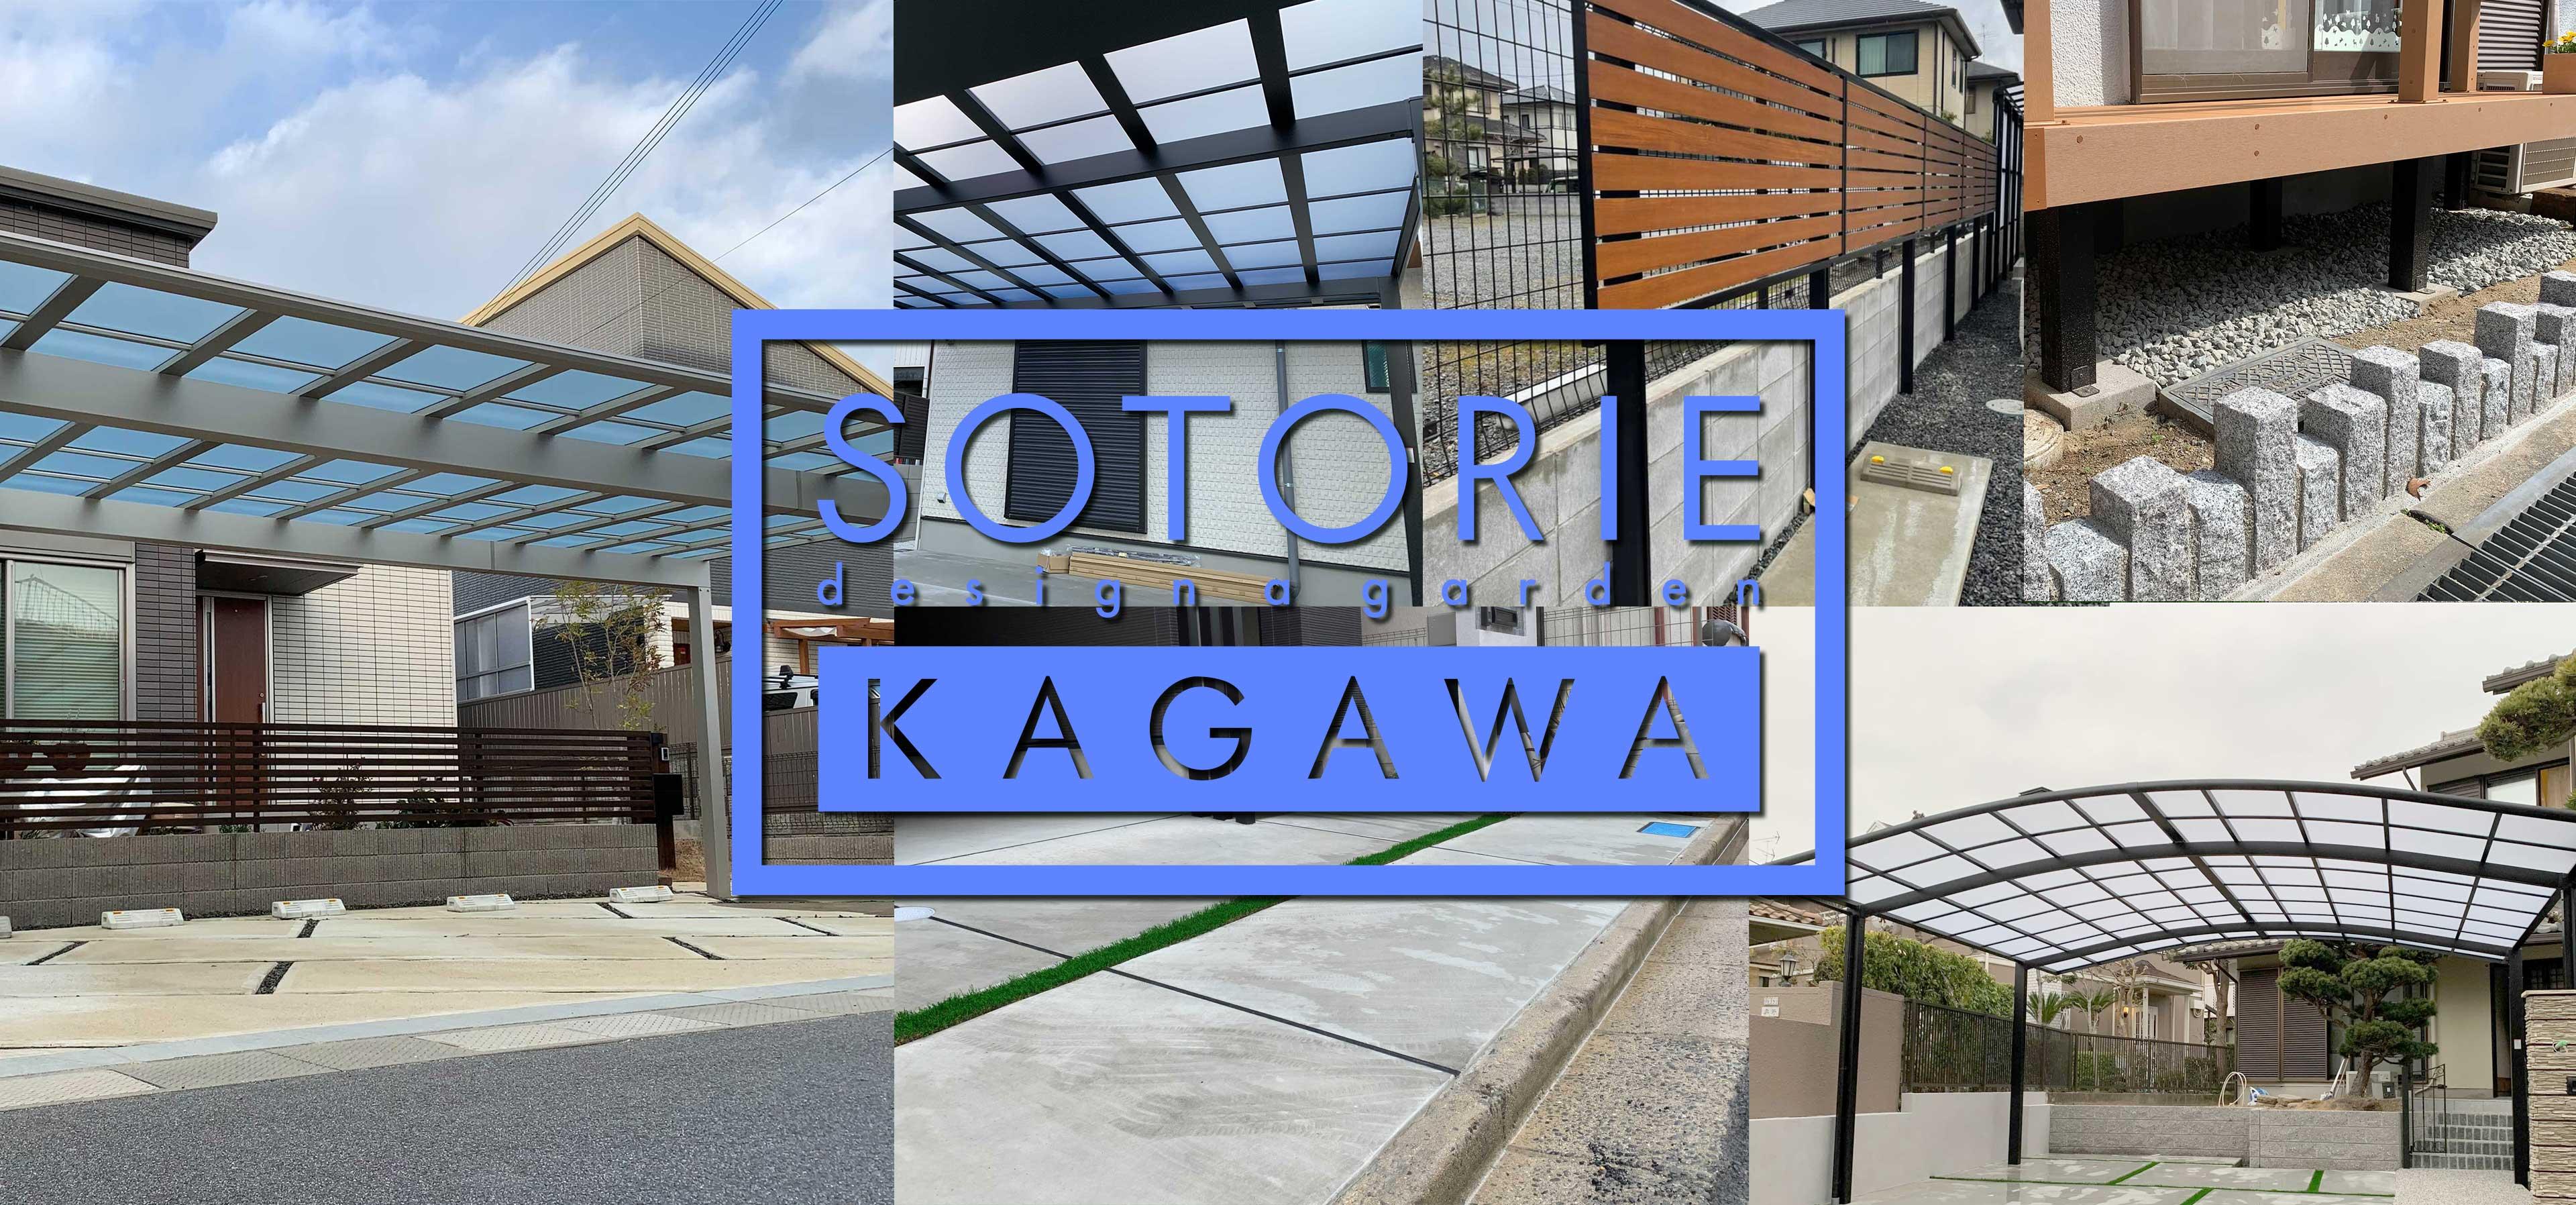 ソトリエ香川では、家周りと庭周りの外構、エクステリア工事をおしゃれなデザインと高い施工品質でご提供することをお約束します。